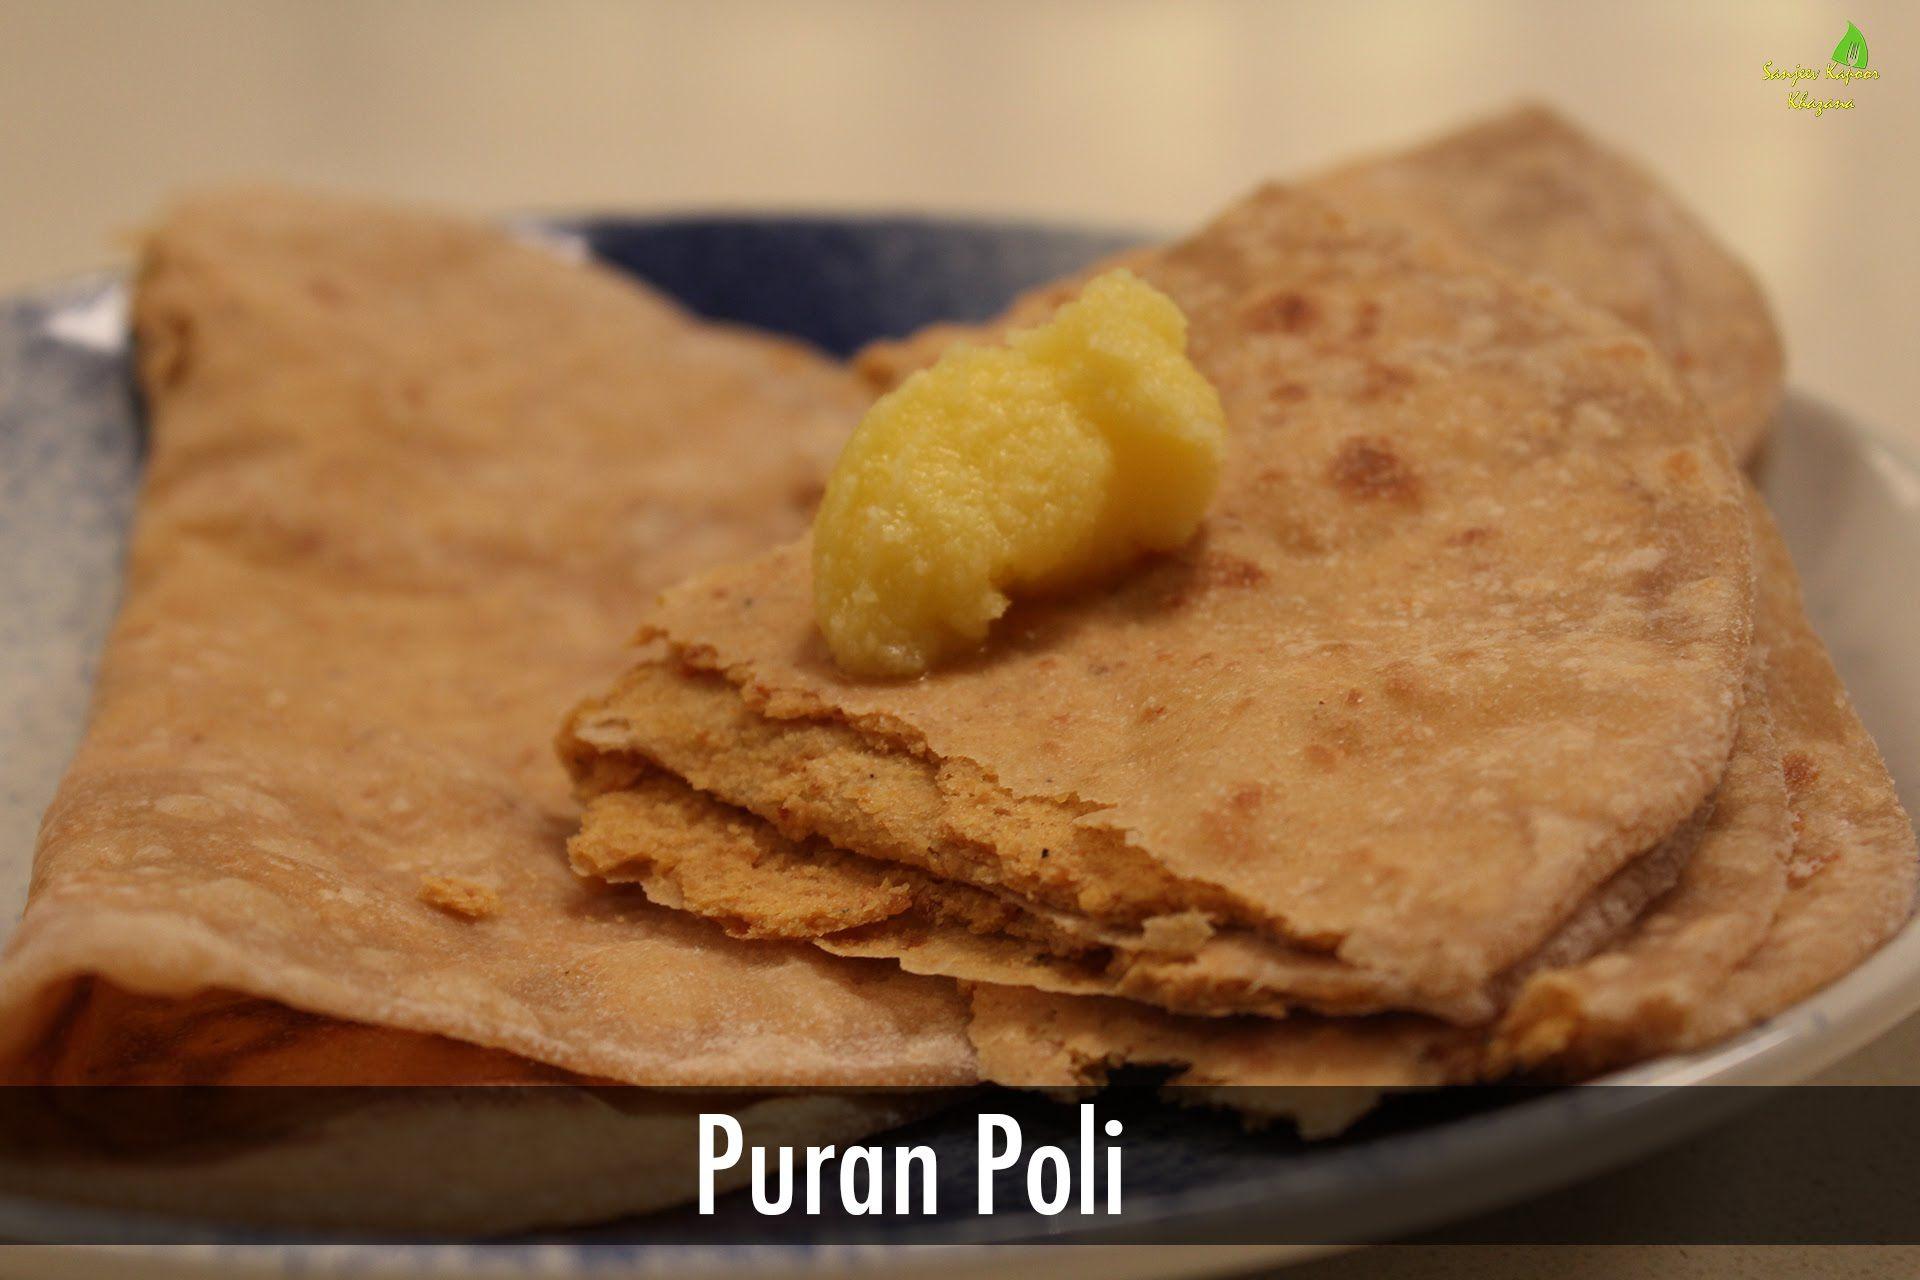 Puran poli maharashtrian recipes sanjeev kapoor khazana puran poli maharashtrian recipes sanjeev kapoor khazana forumfinder Choice Image